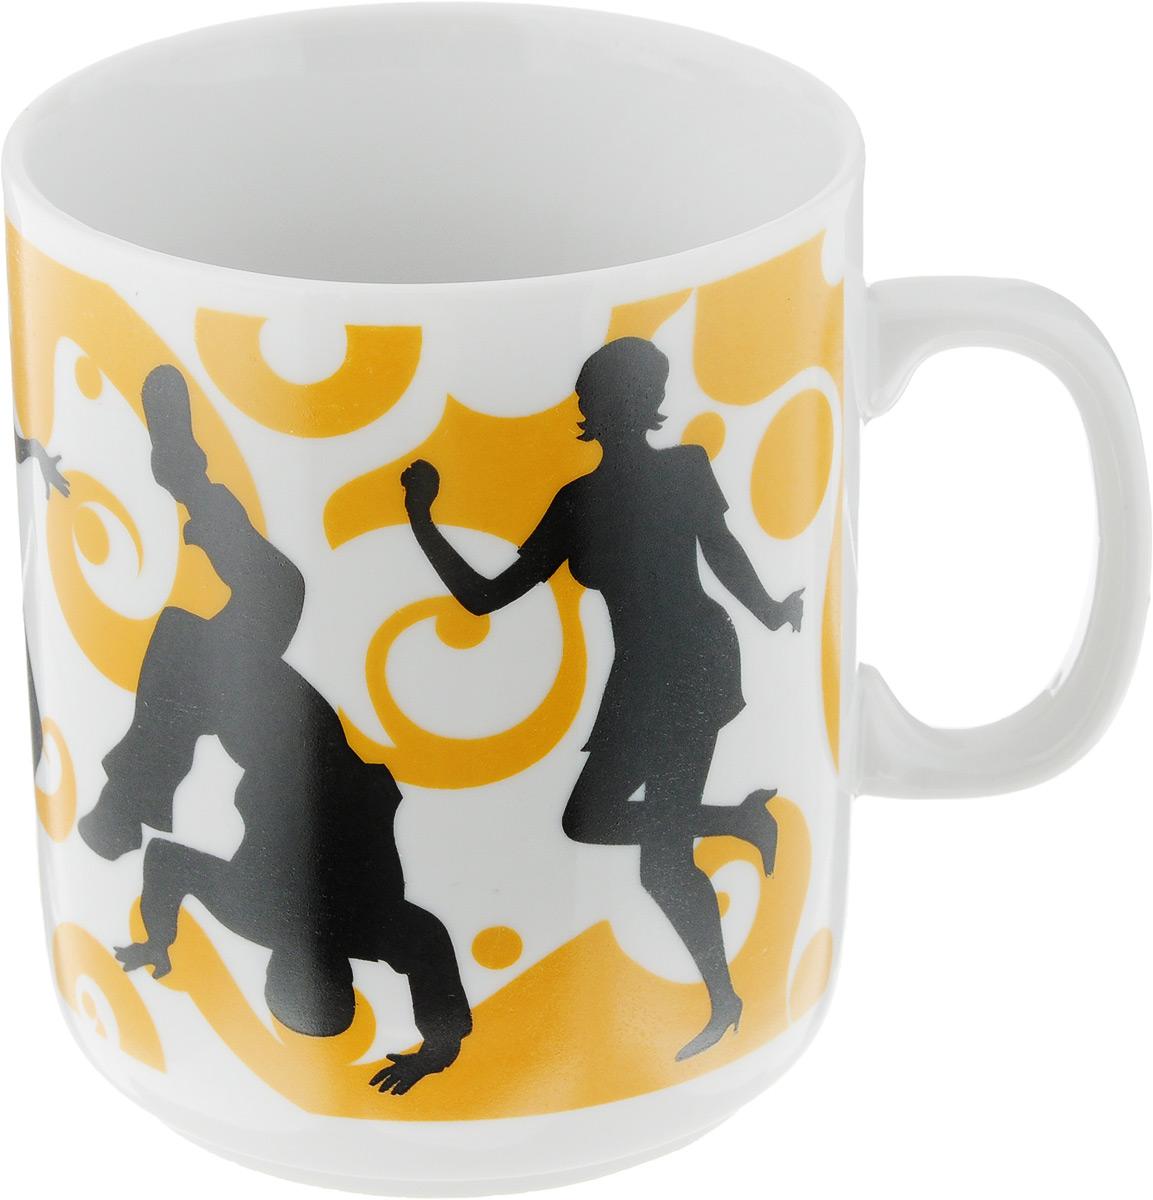 """Кружка Фарфор Вербилок """"Dance"""" способна скрасить любое  чаепитие. Изделие выполнено из высококачественного  фарфора. Посуда из такого материала позволяет сохранить  истинный вкус напитка, а также помогает ему дольше  оставаться теплым. Диаметр по верхнему краю: 7,5 см. Высота кружки: 10 см."""